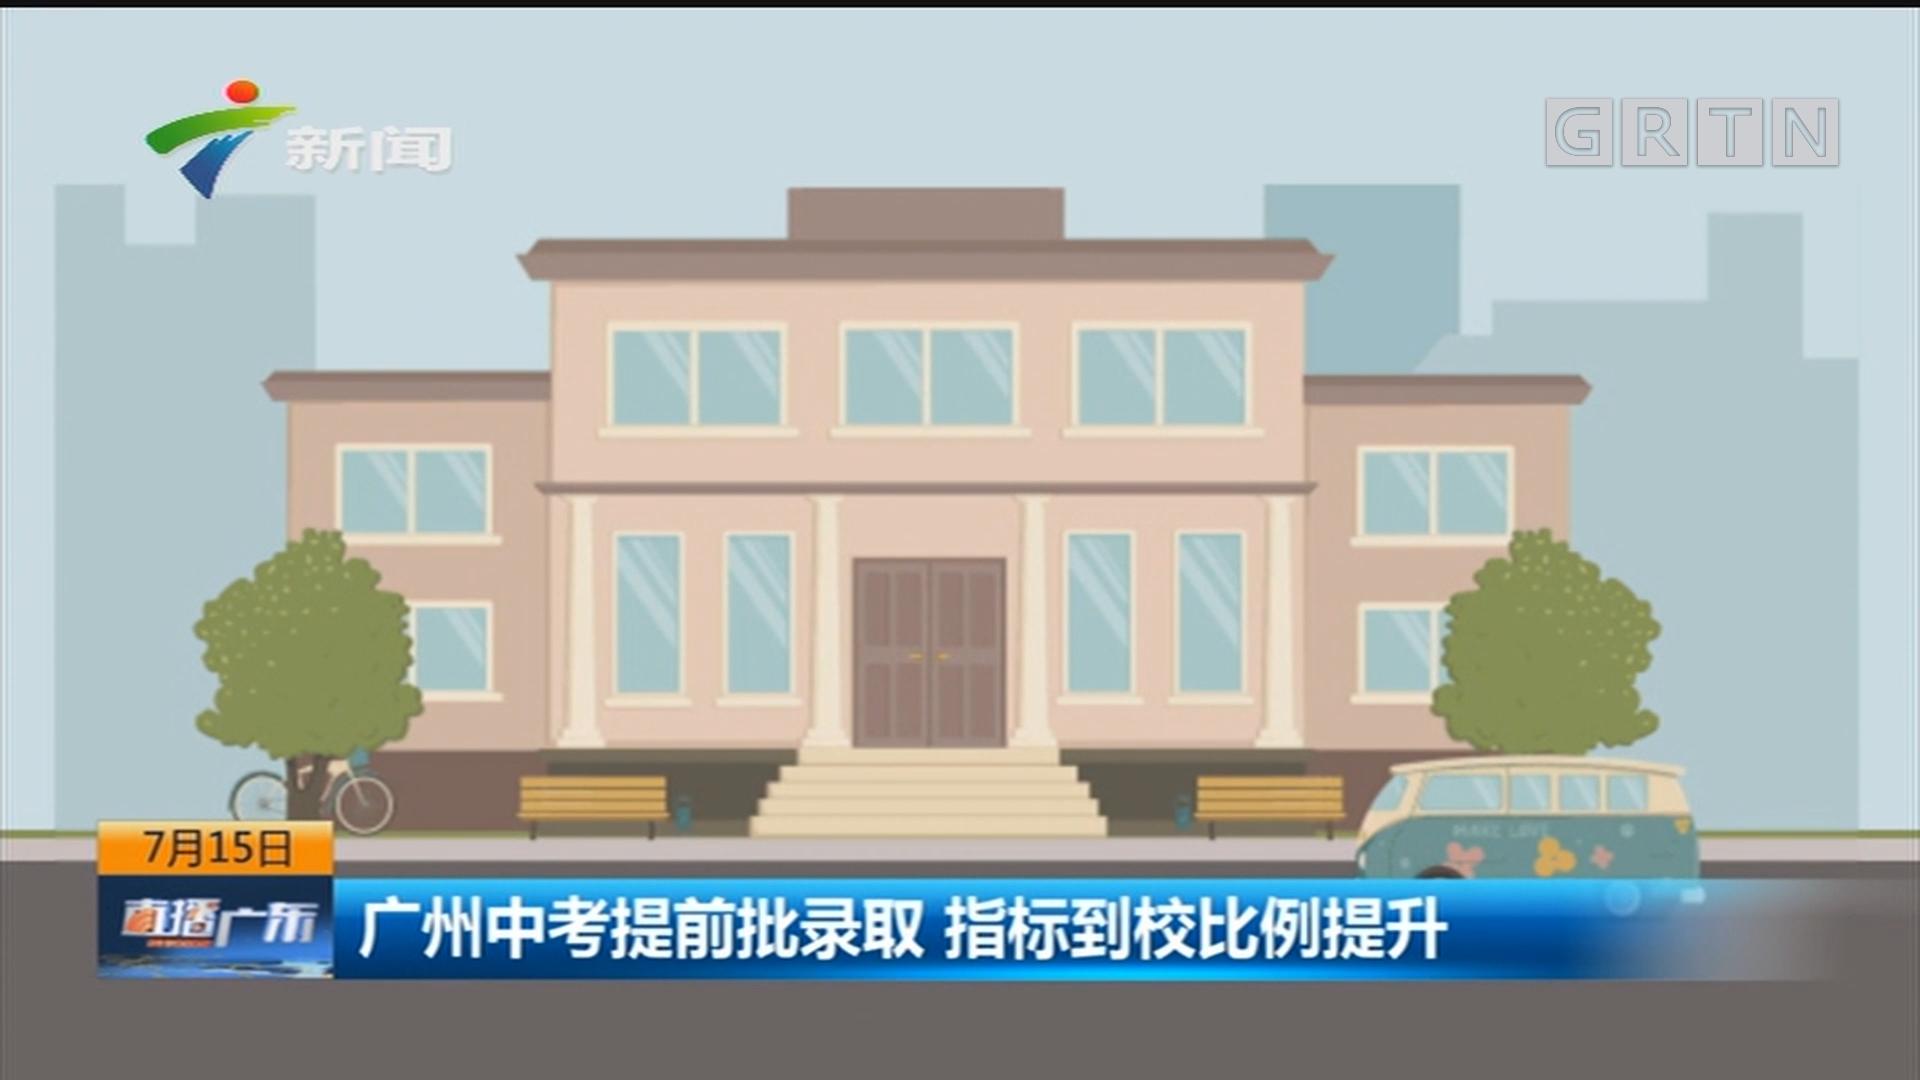 广州中考提前批录取 指标到校比例提升